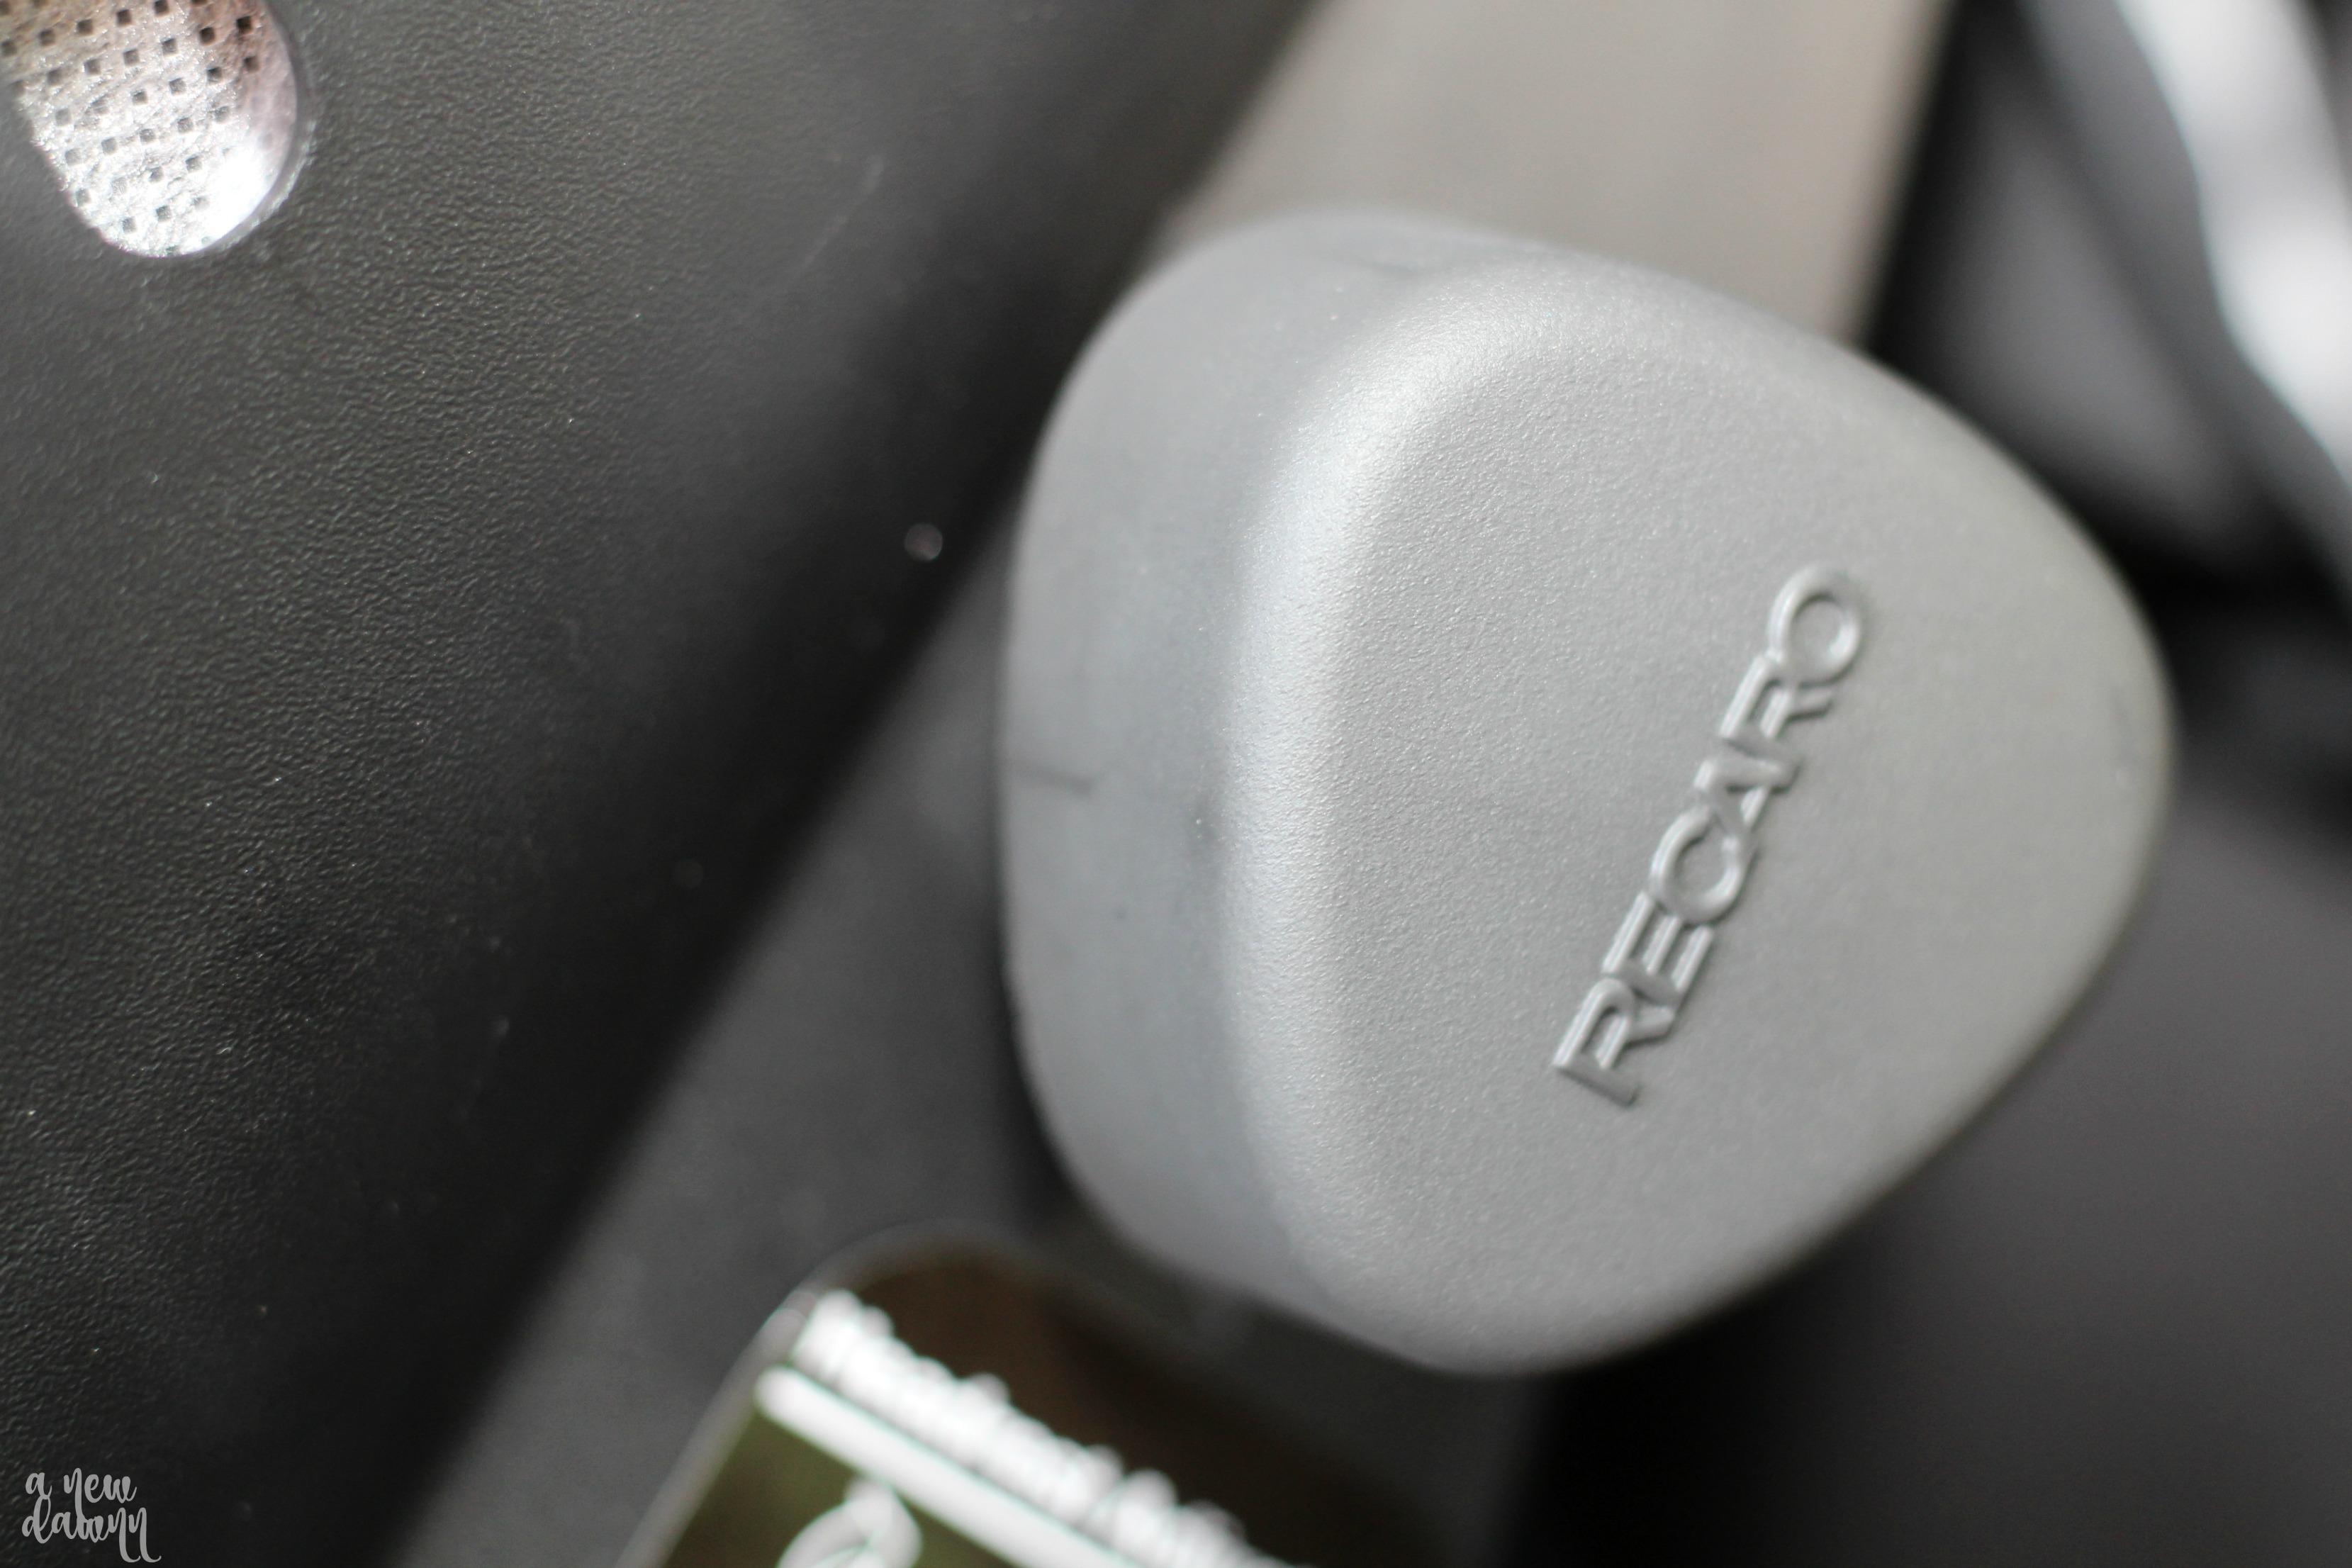 recaro-adjust-knob